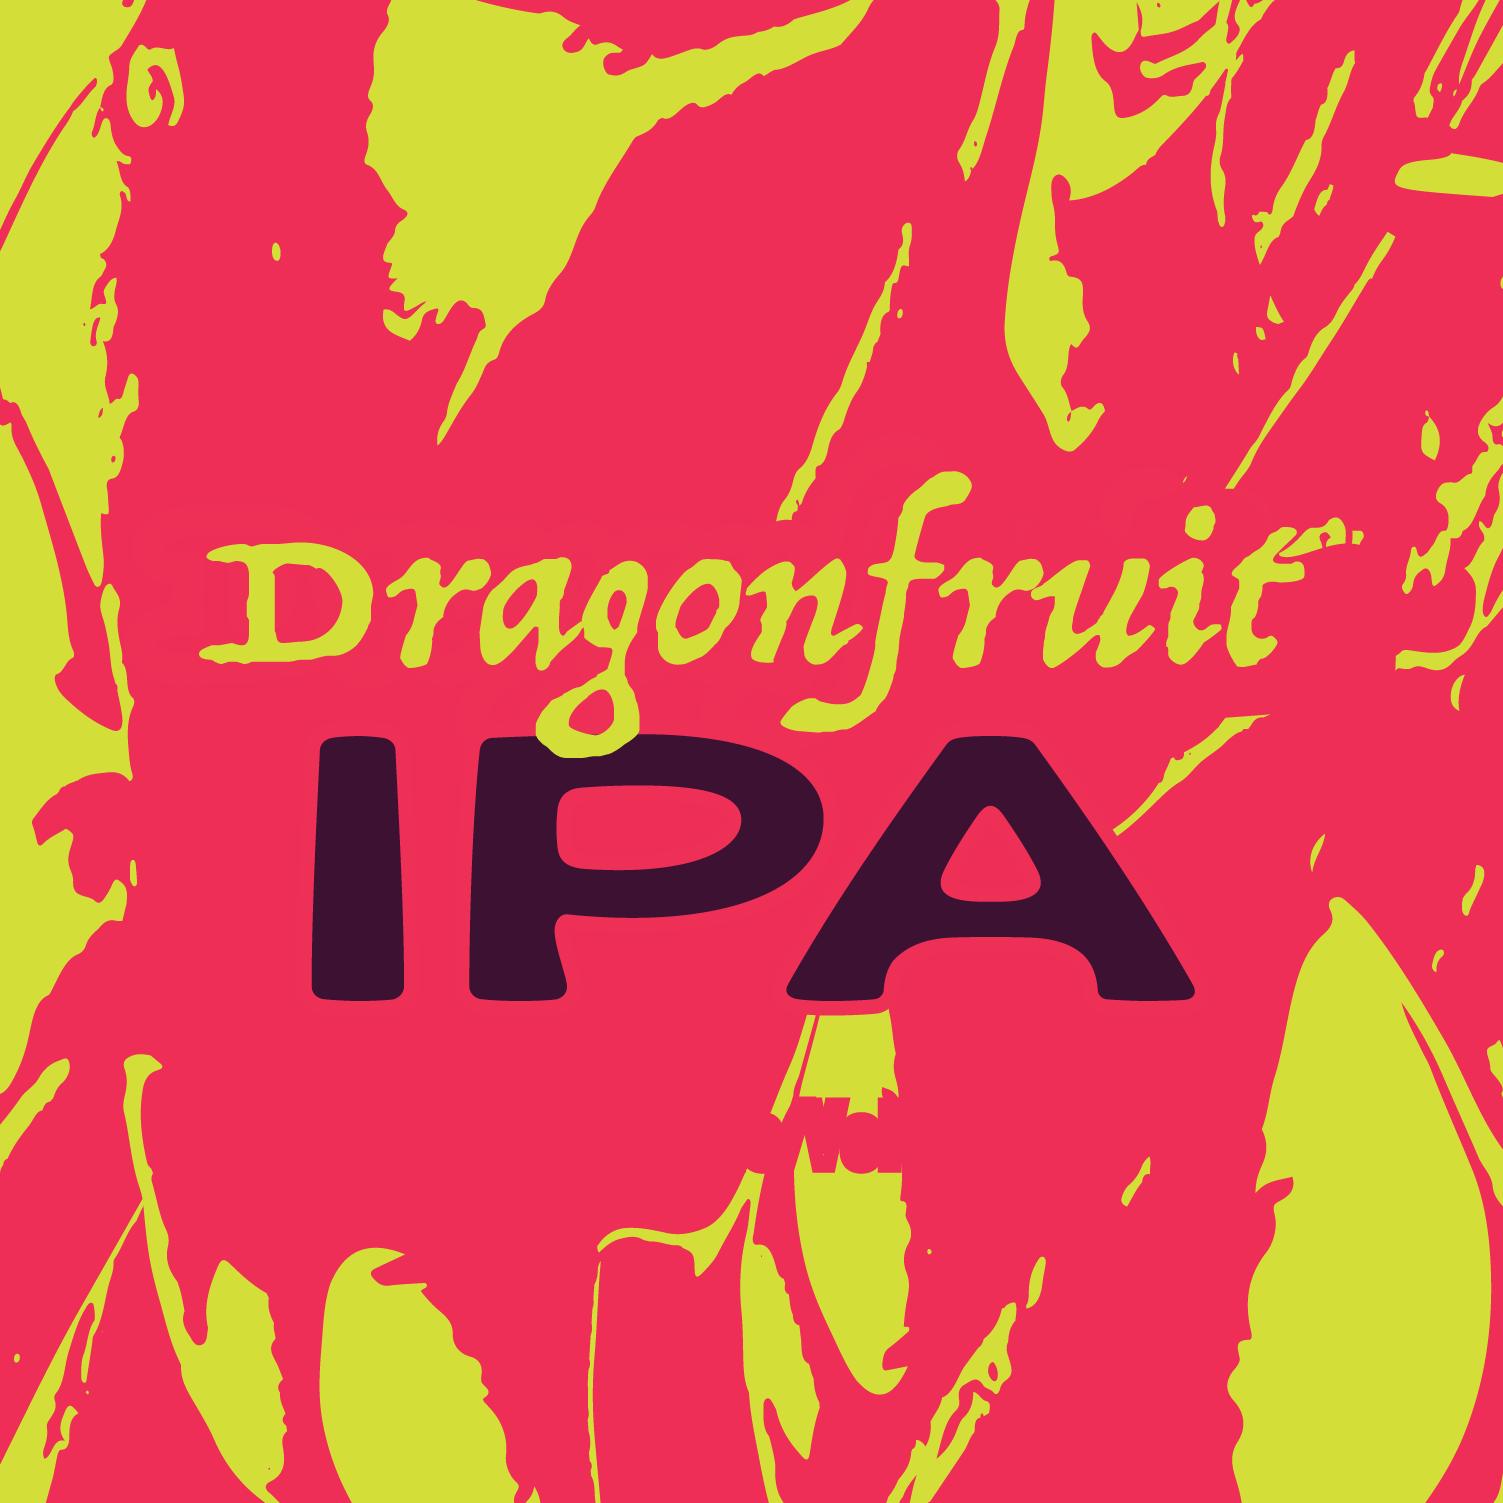 DragonfruitIPA_Webtile-06